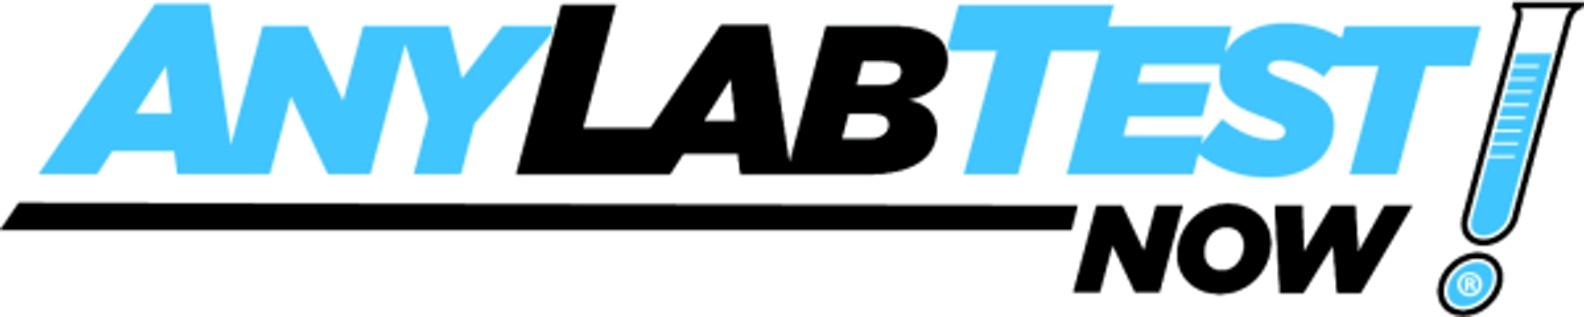 Any Lab Test Now - Austin Logo